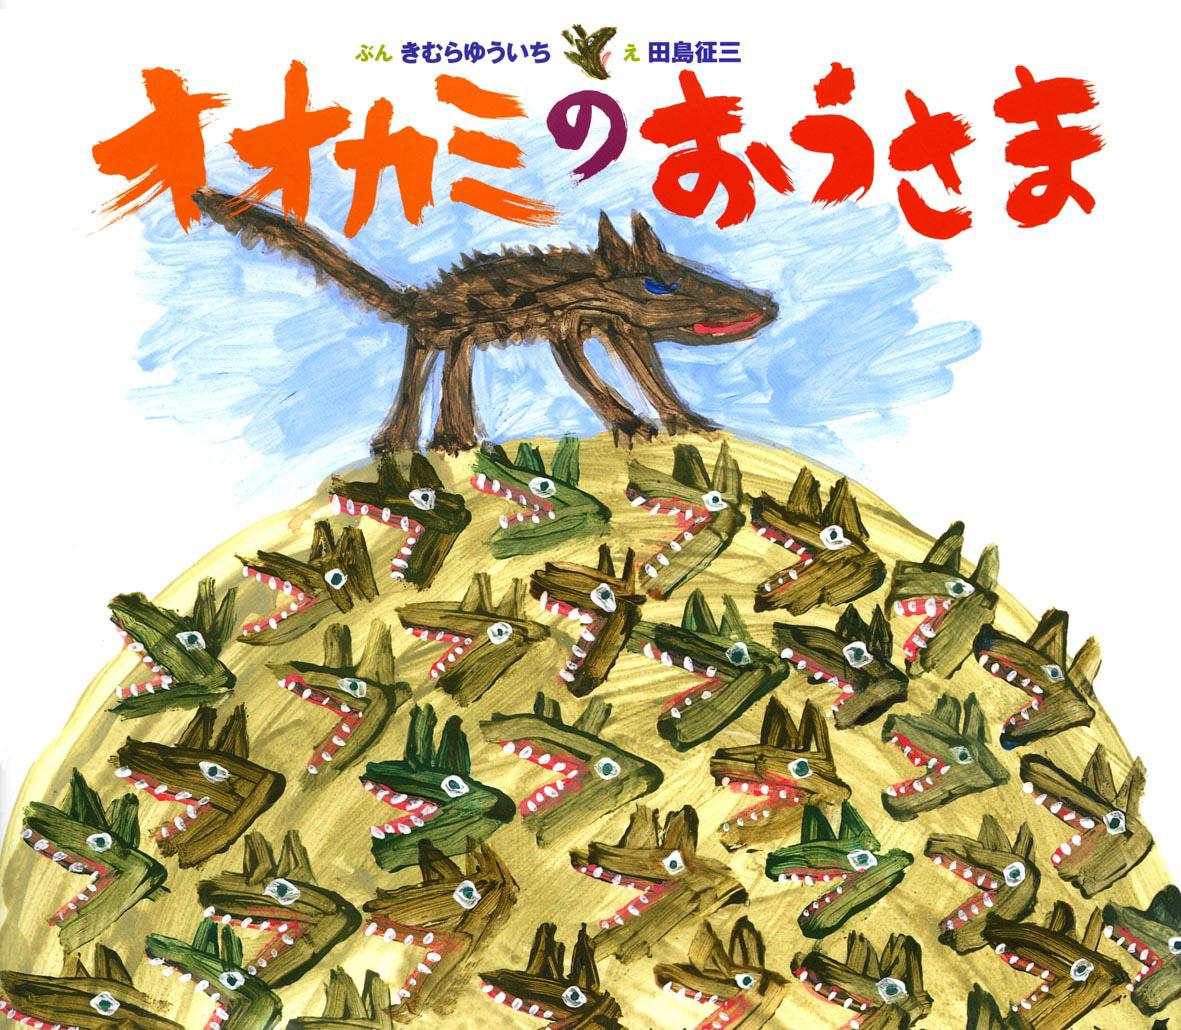 きむらゆういち・田島征三の「オオカミ」シリーズ(全5巻)